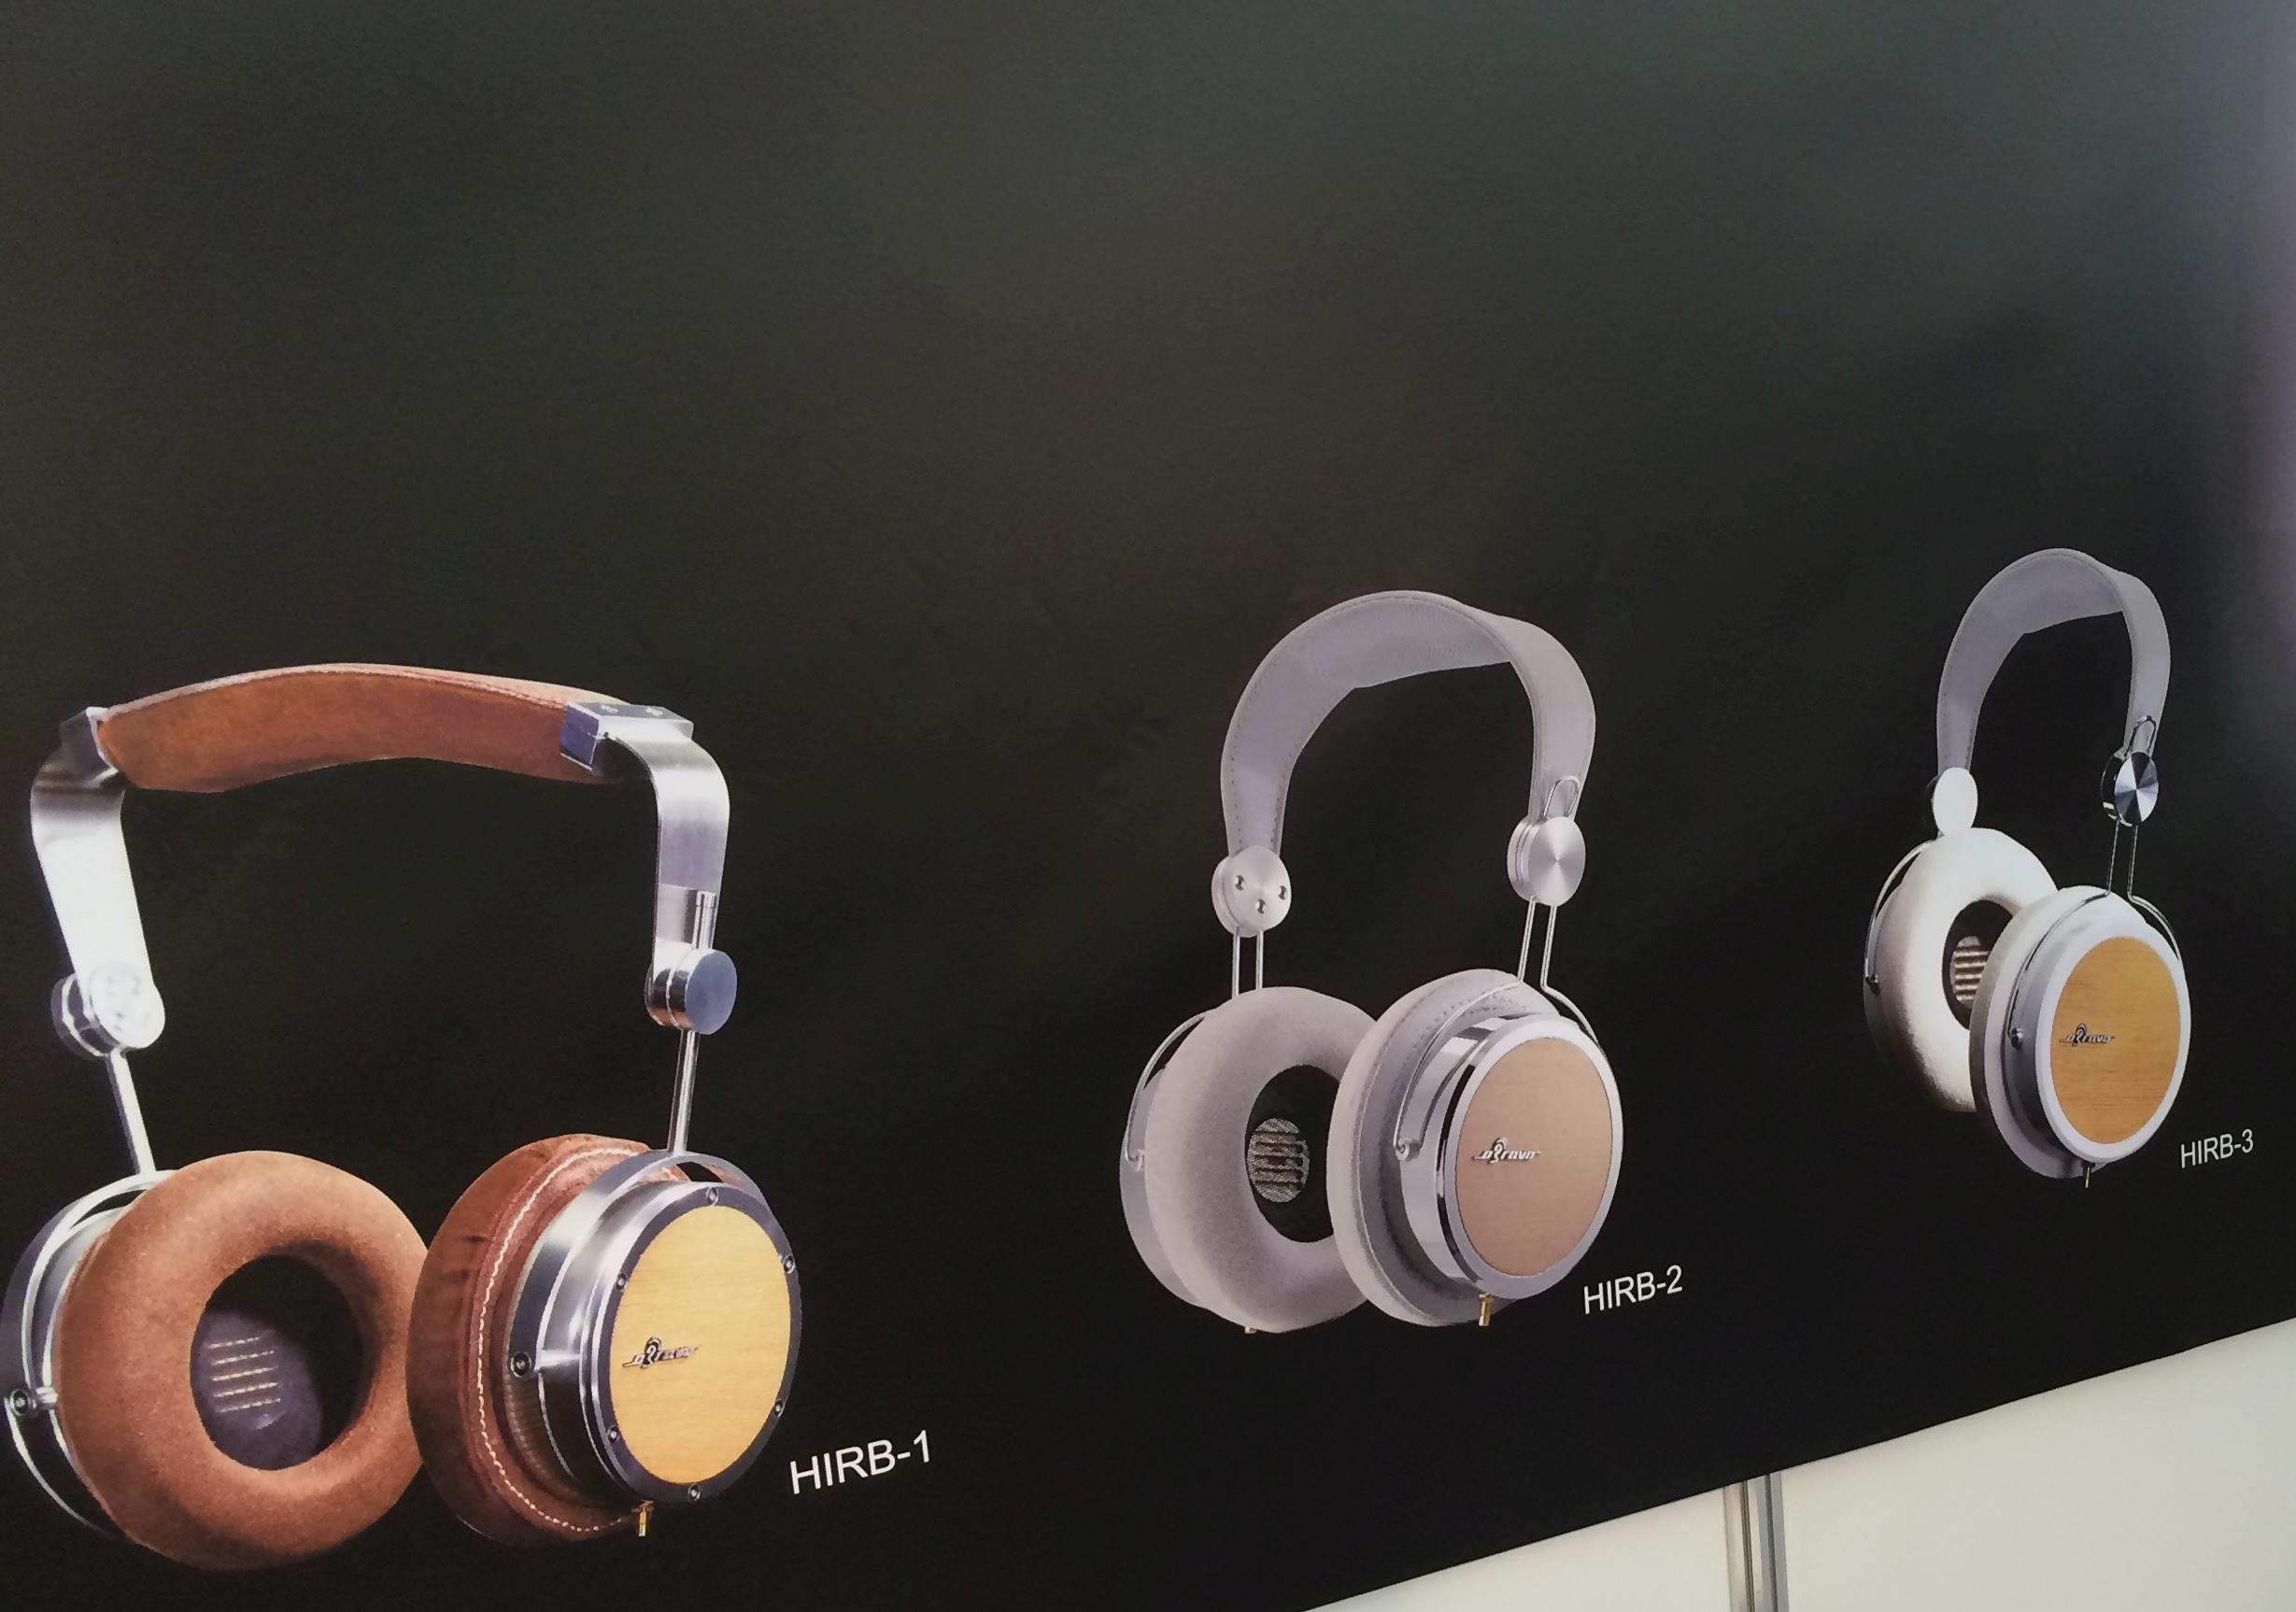 Obravo Audio – Premiera nowej serii słuchawek na targach High-End 2015 w Monachium